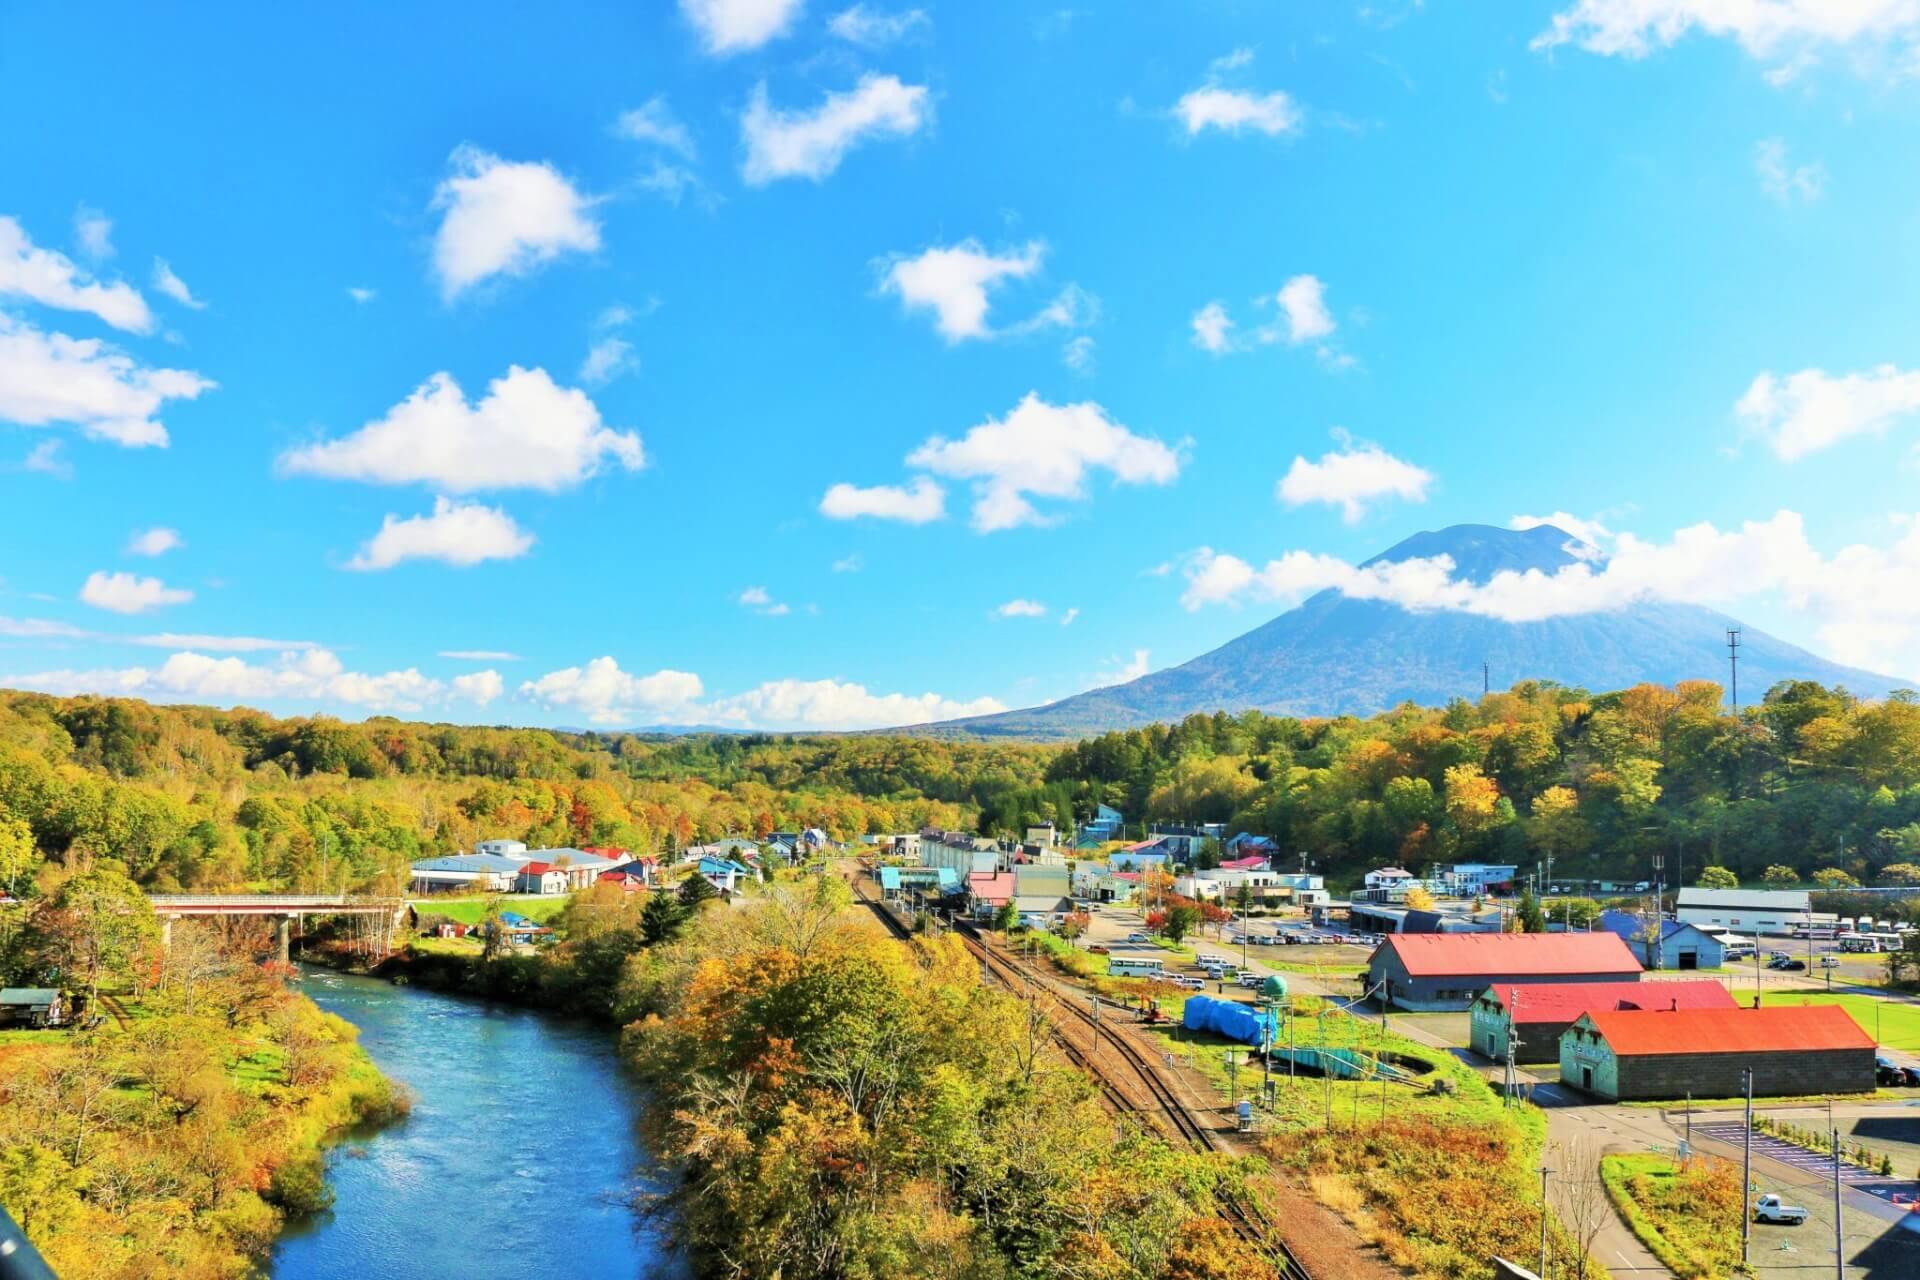 【国内・北海道】 爽やかな空気と美味しい食事を楽しむニセコ滞在と江差の旅